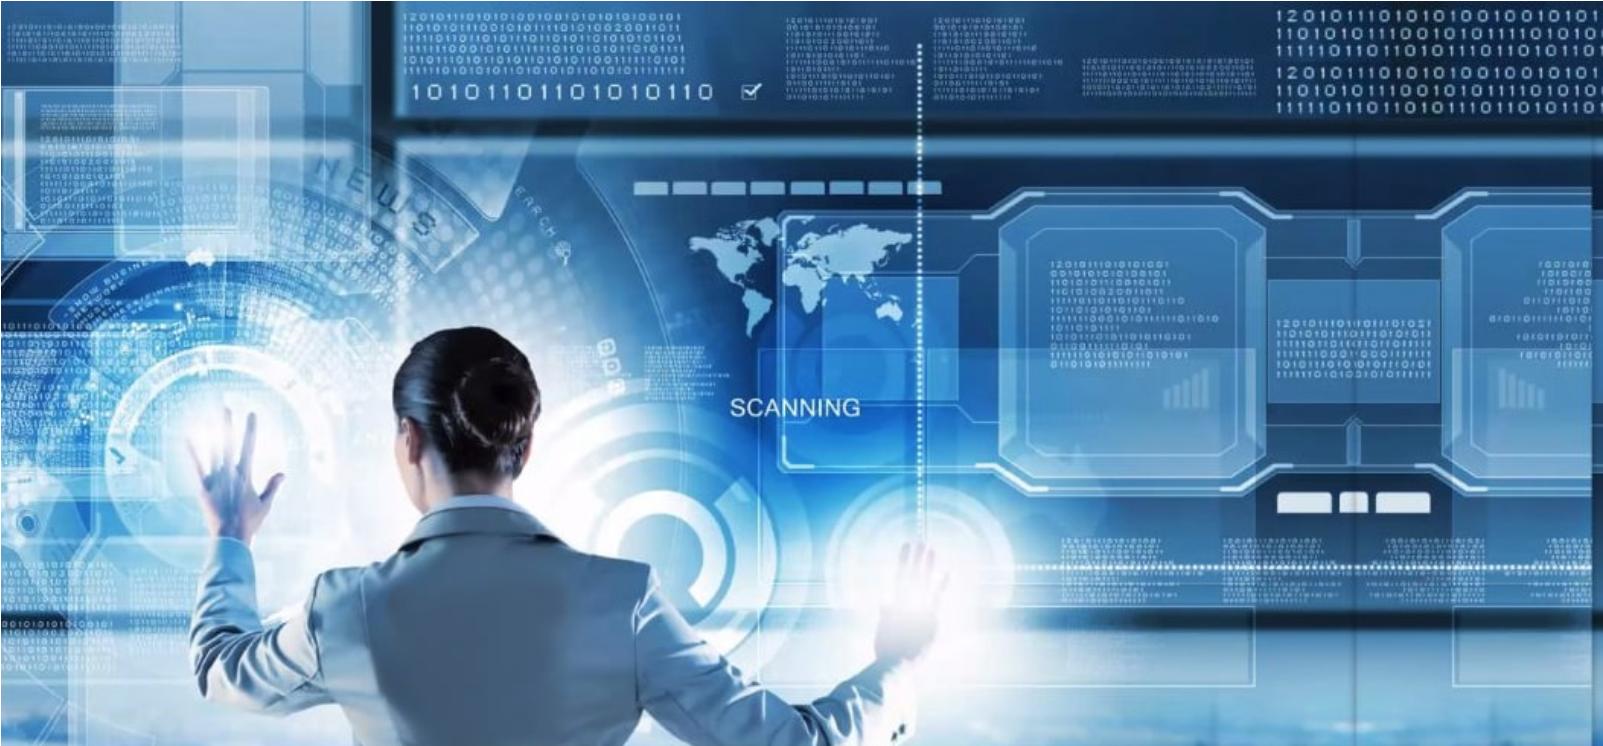 PROYECTOS DE I+D – PROGRAMA HAZITEK. TRAZASTOCK: Sistema integral de digitalización y supervisión de procesos en grandes infraestructuras para el control de flujos y trazabilidad inteligente del STOCK